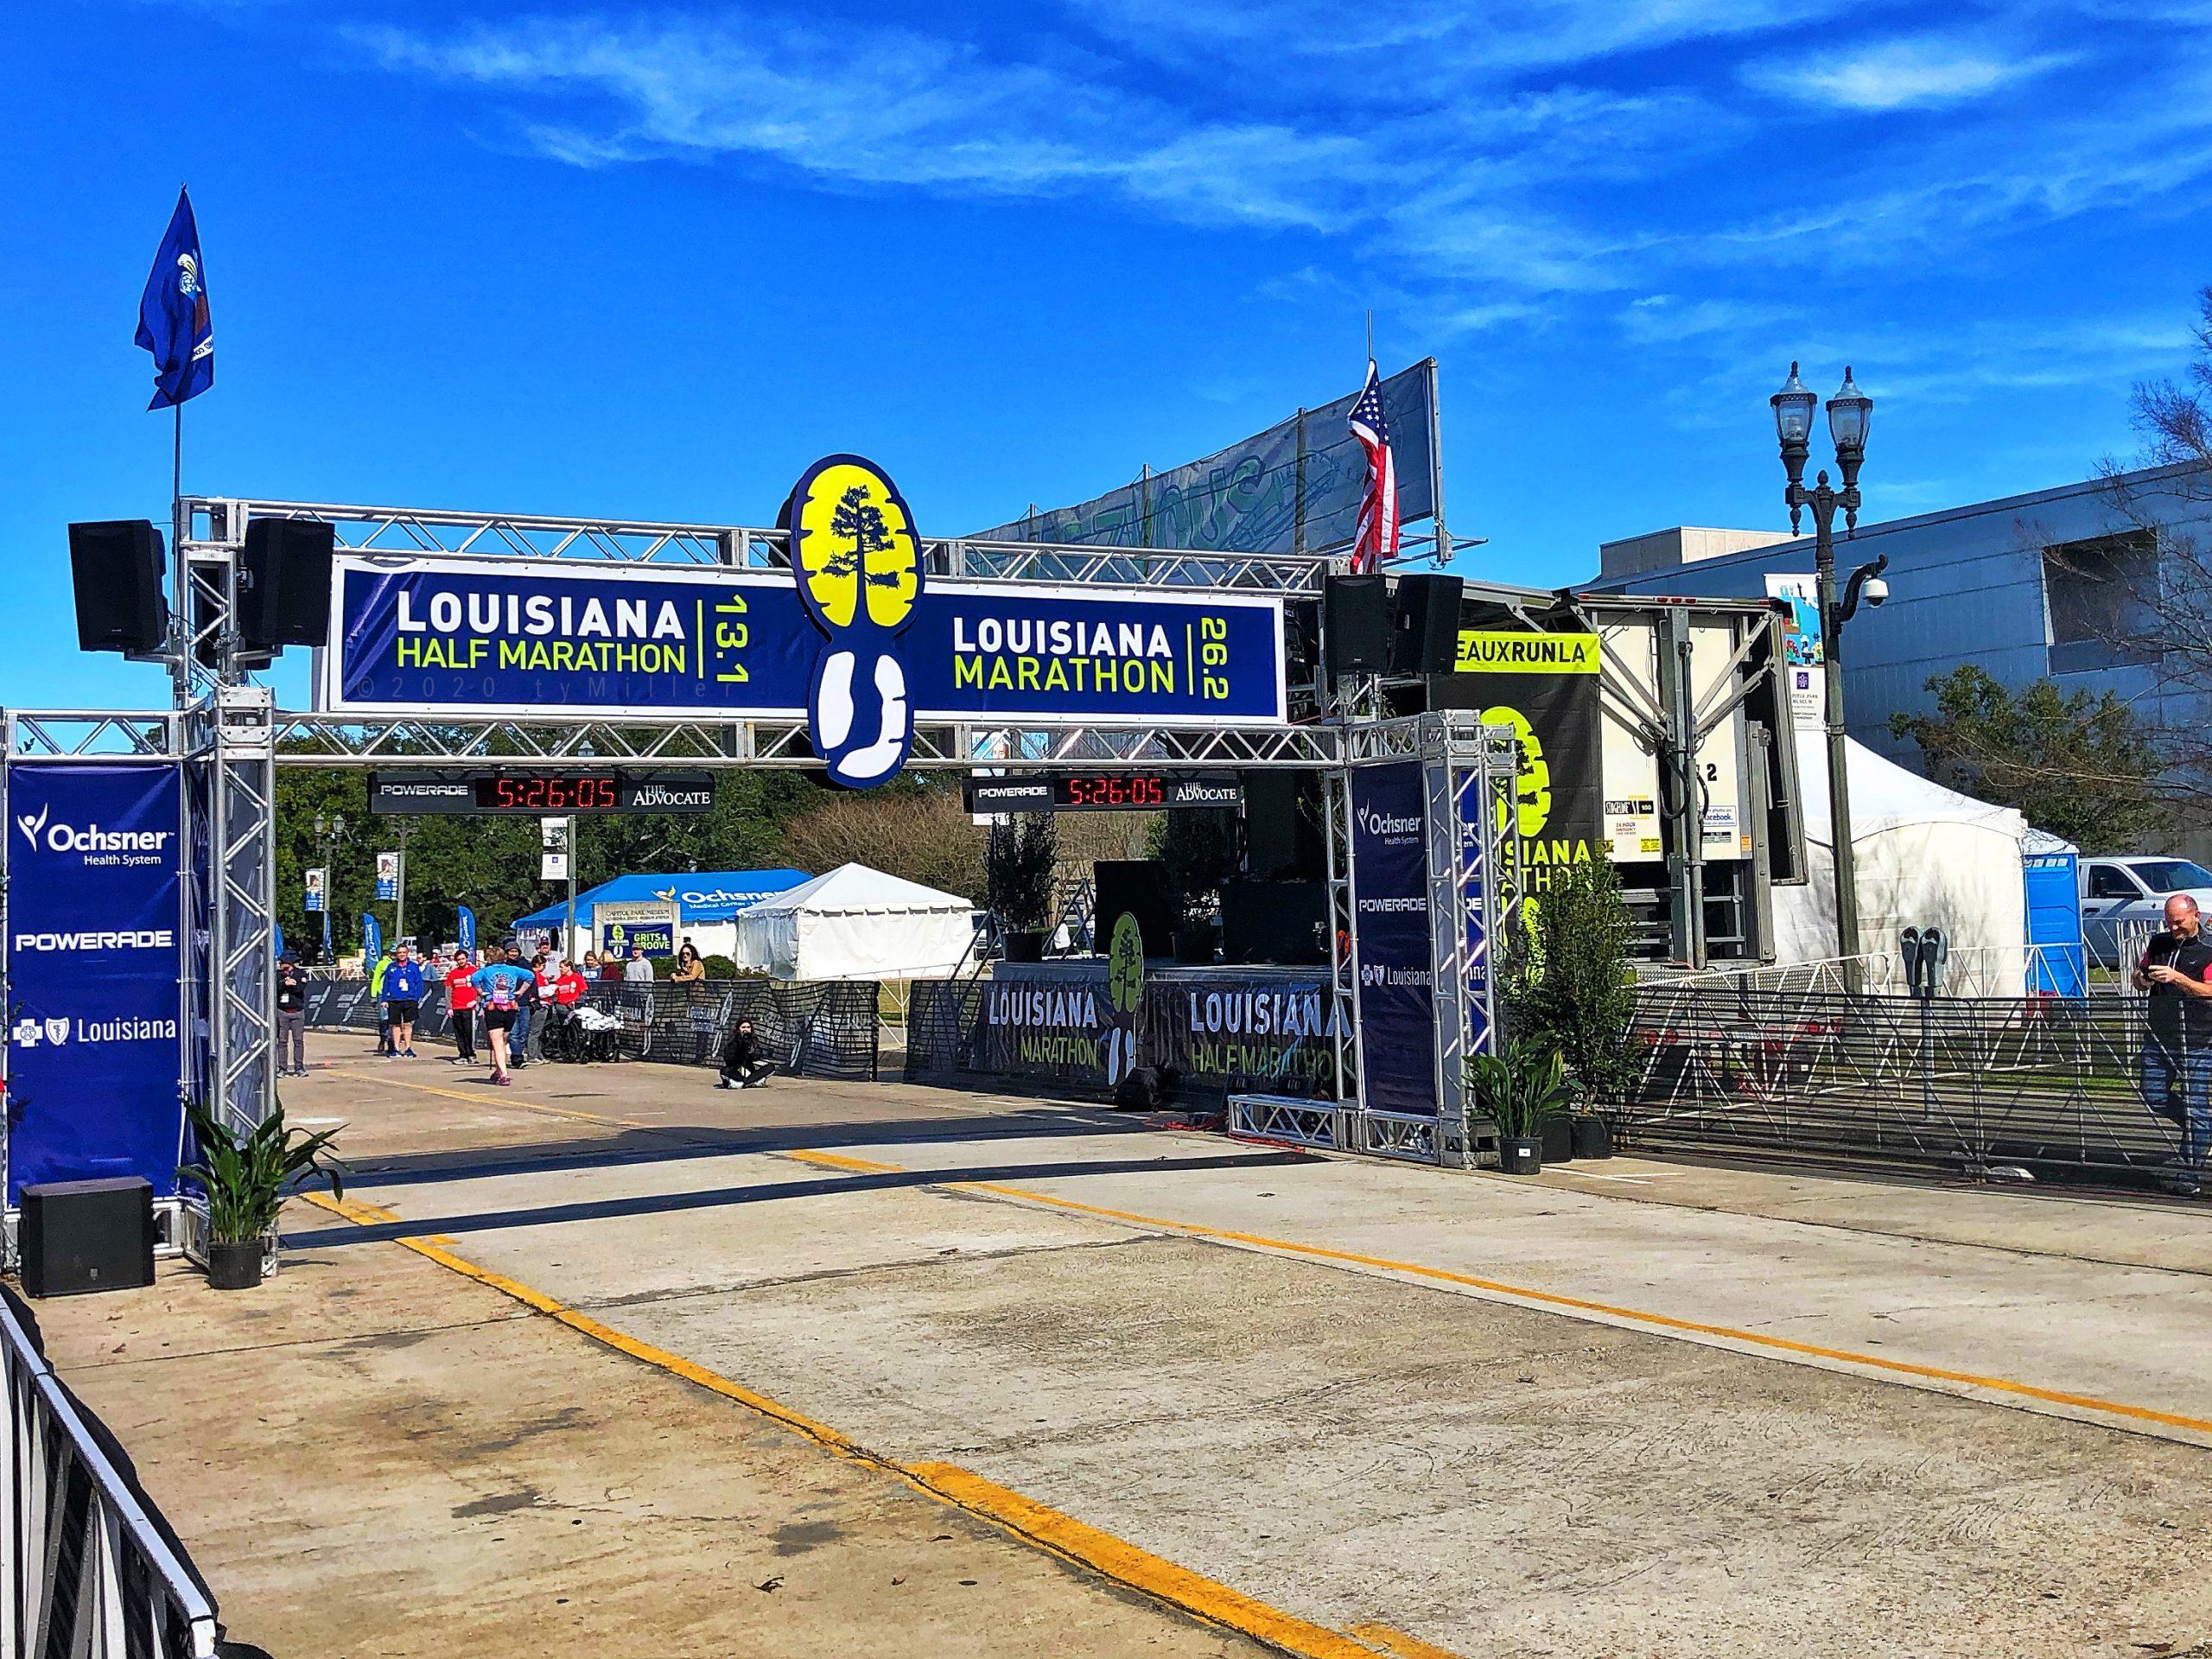 Louisiana Half Marathon Finish